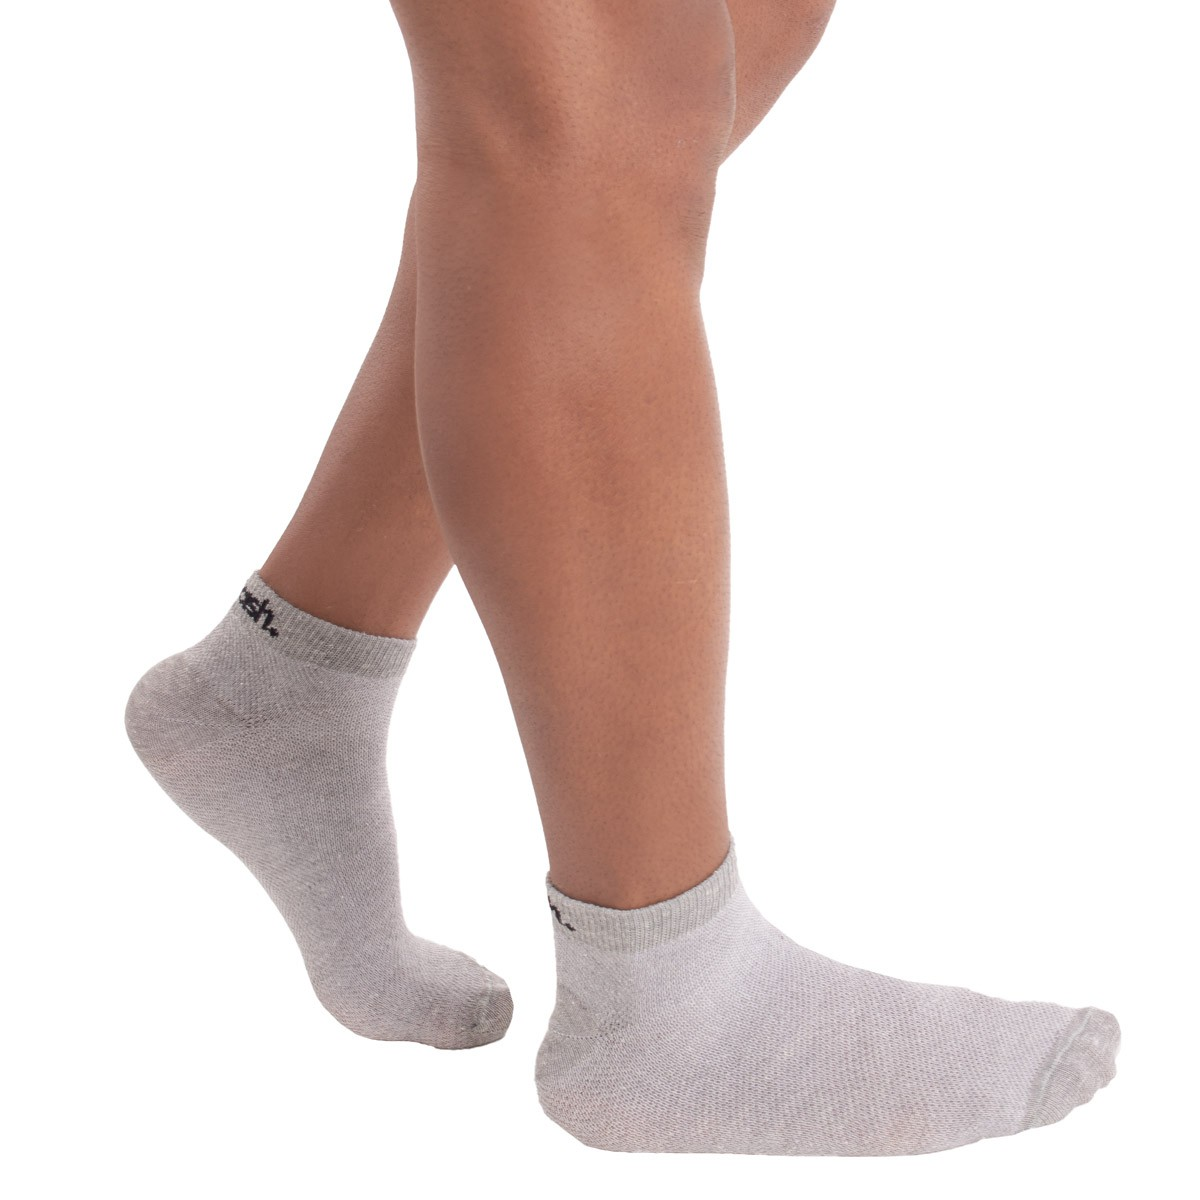 KIT com 3 Meias sapatilha em algodão MASH